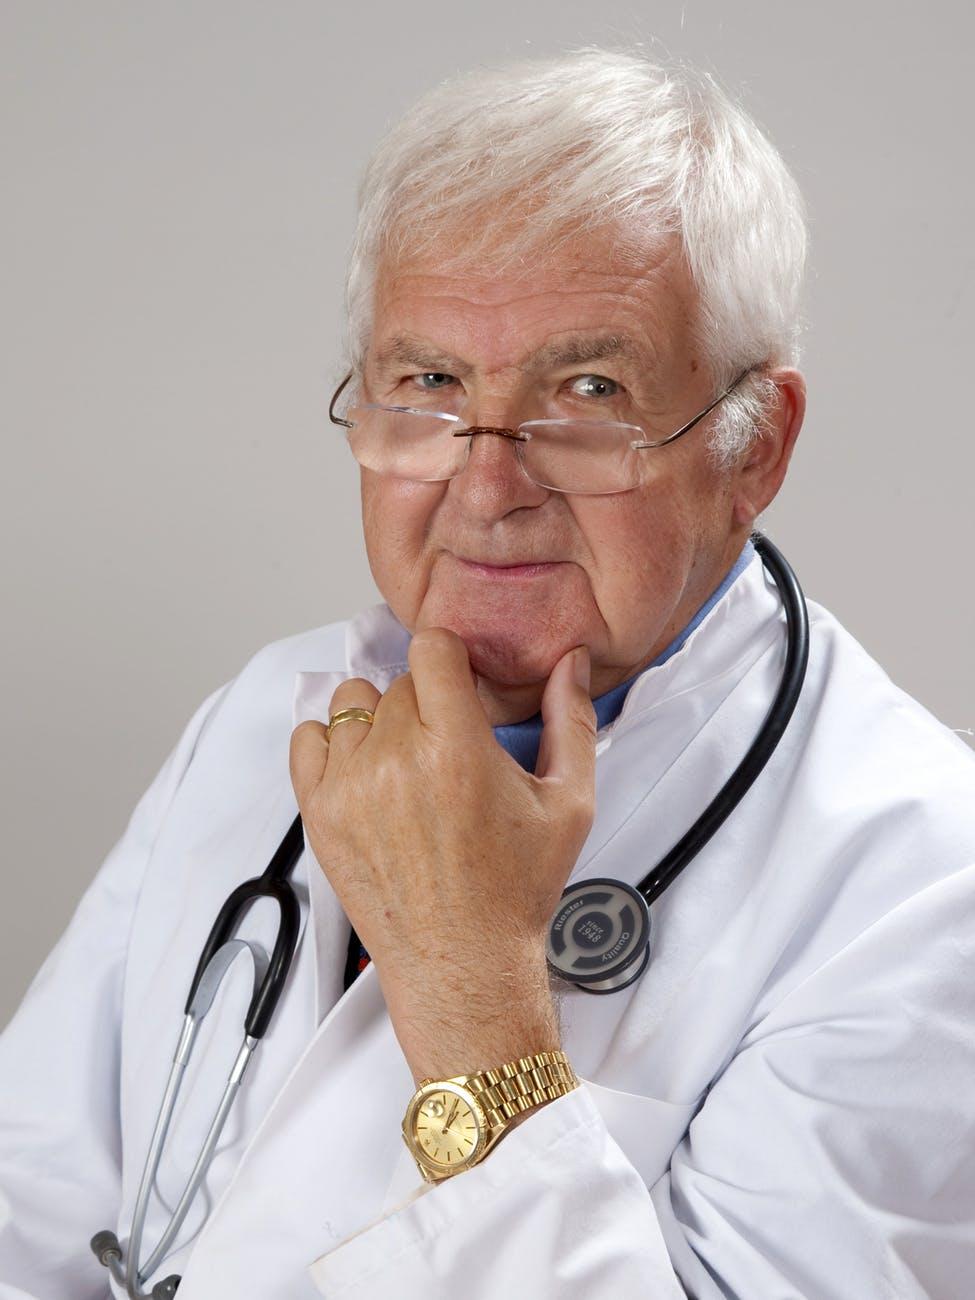 healthcare bullshit